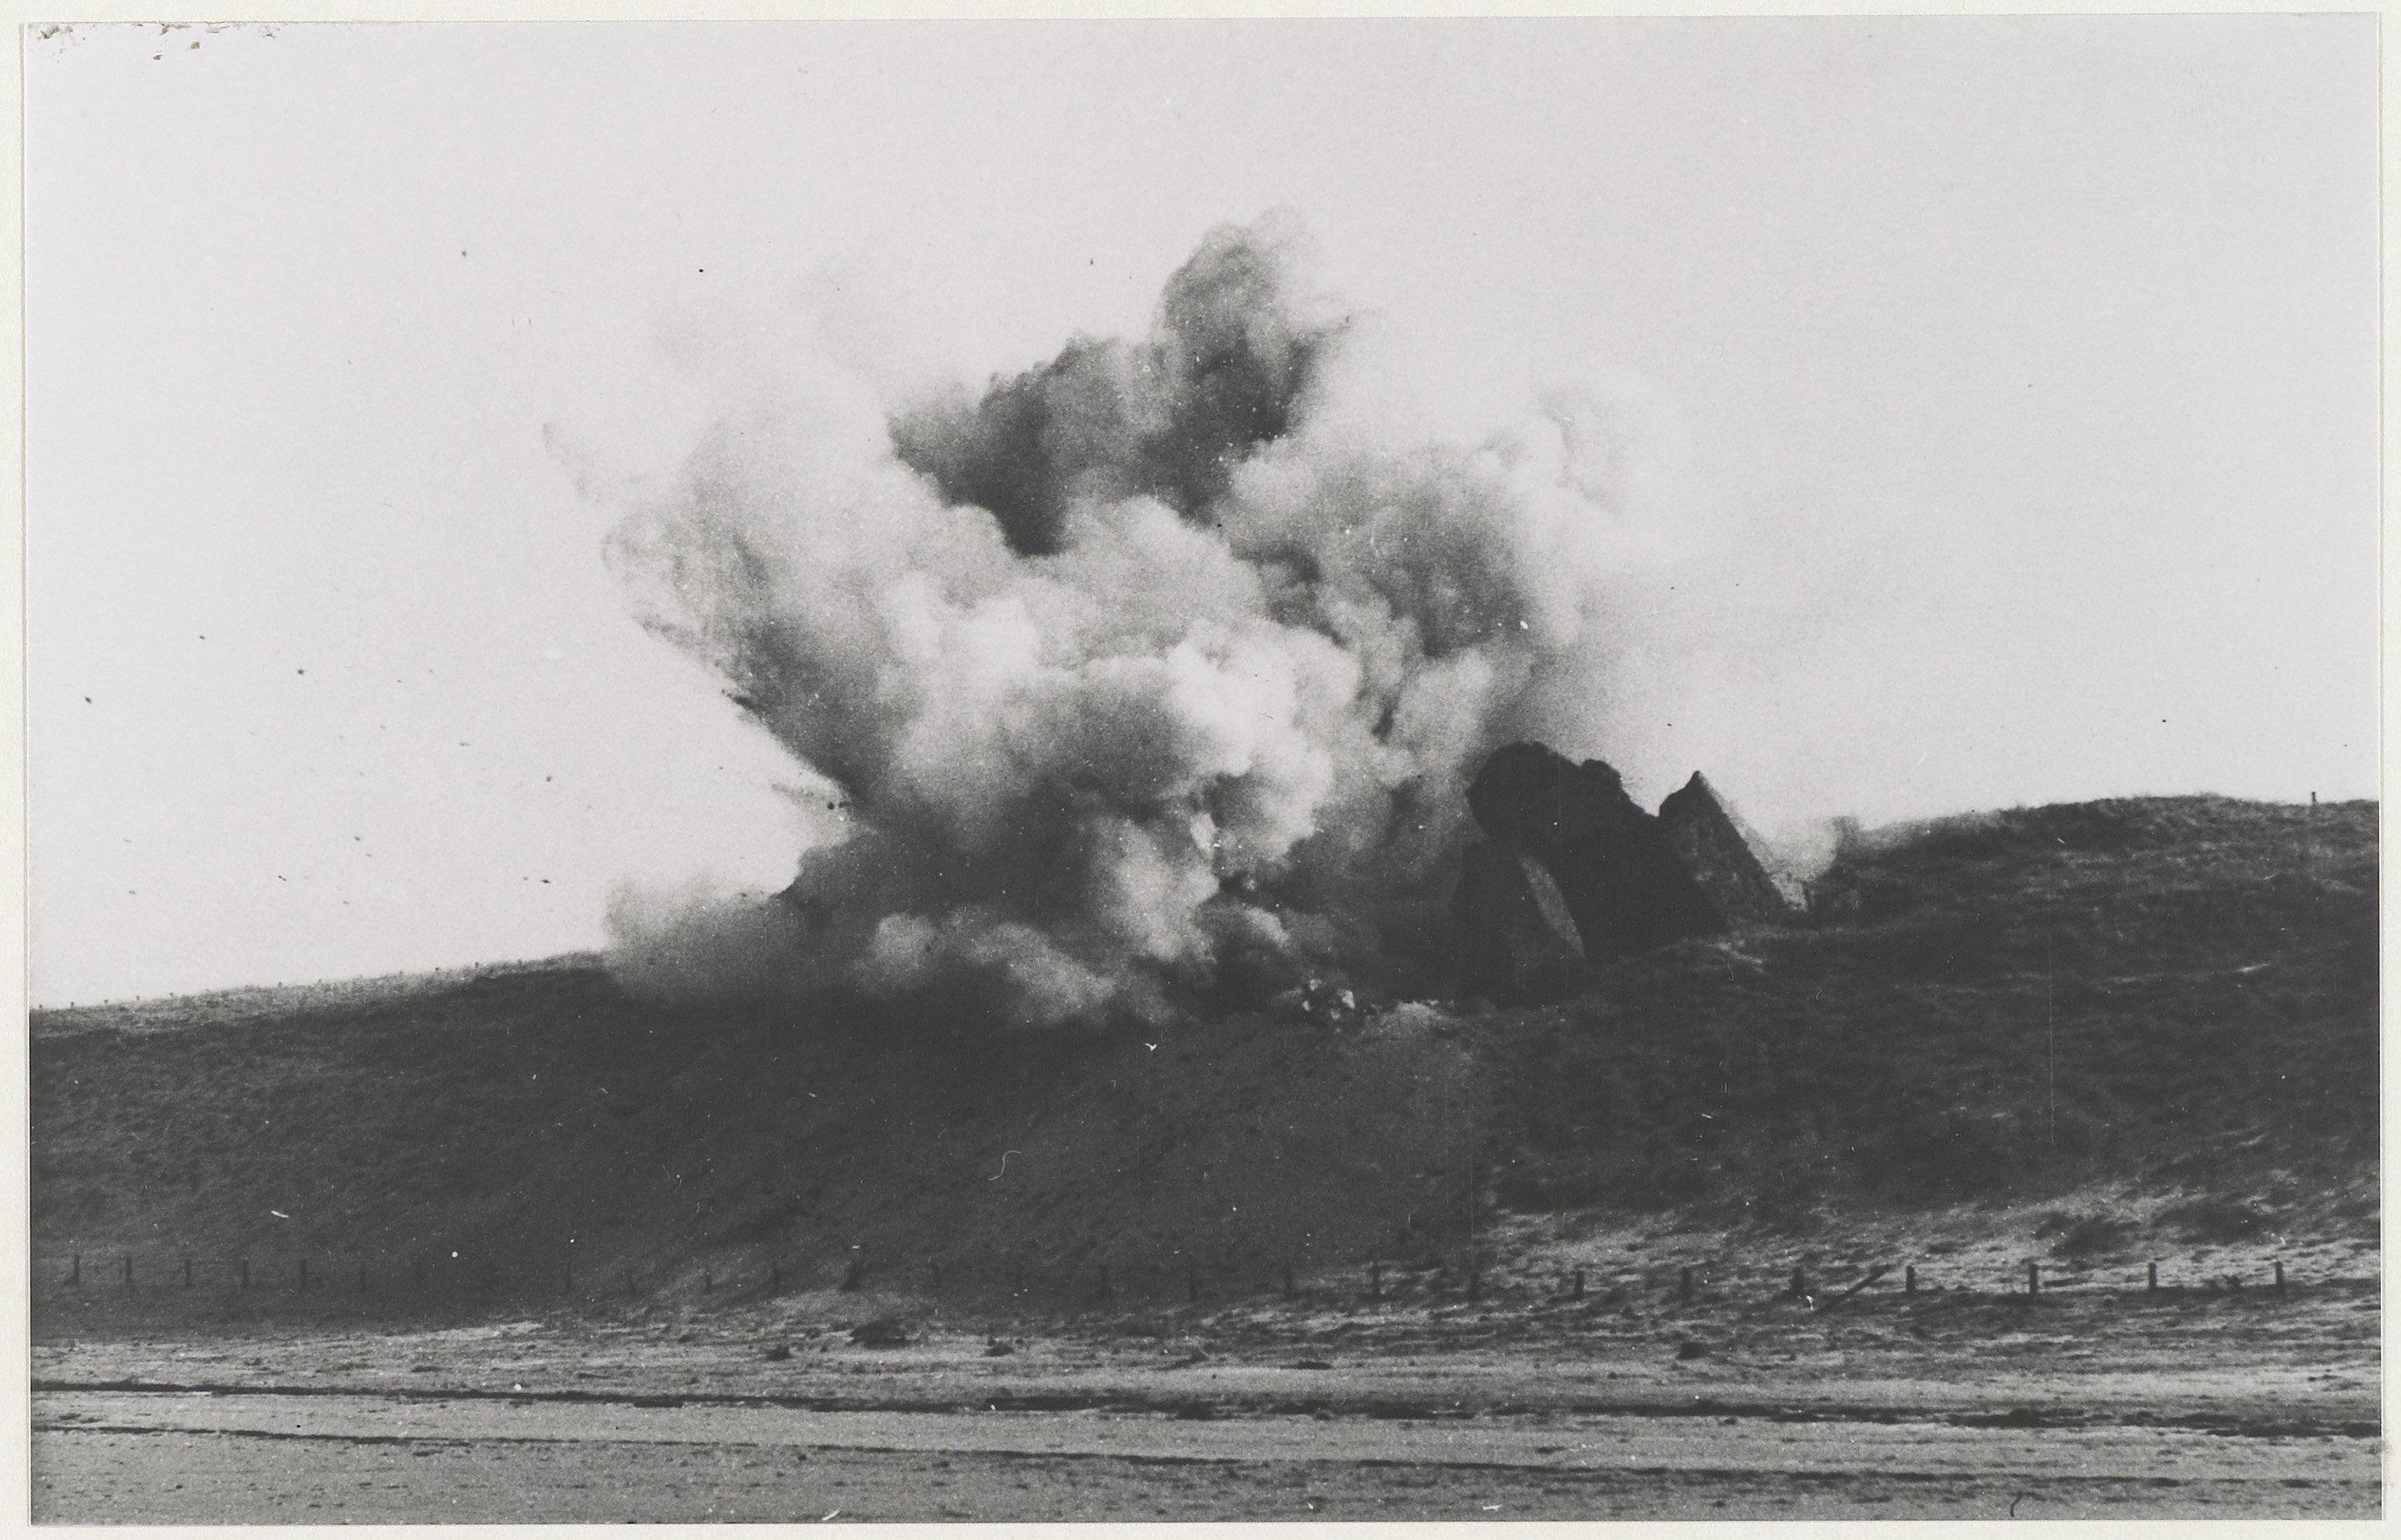 De Atlantikwall na de oorlog: In Haarlem en de wijde omgeving, maar vooral bij Zandvoort en IJmuiden, waren maandenlang zware ontploffingen te horen | Uit de tijd